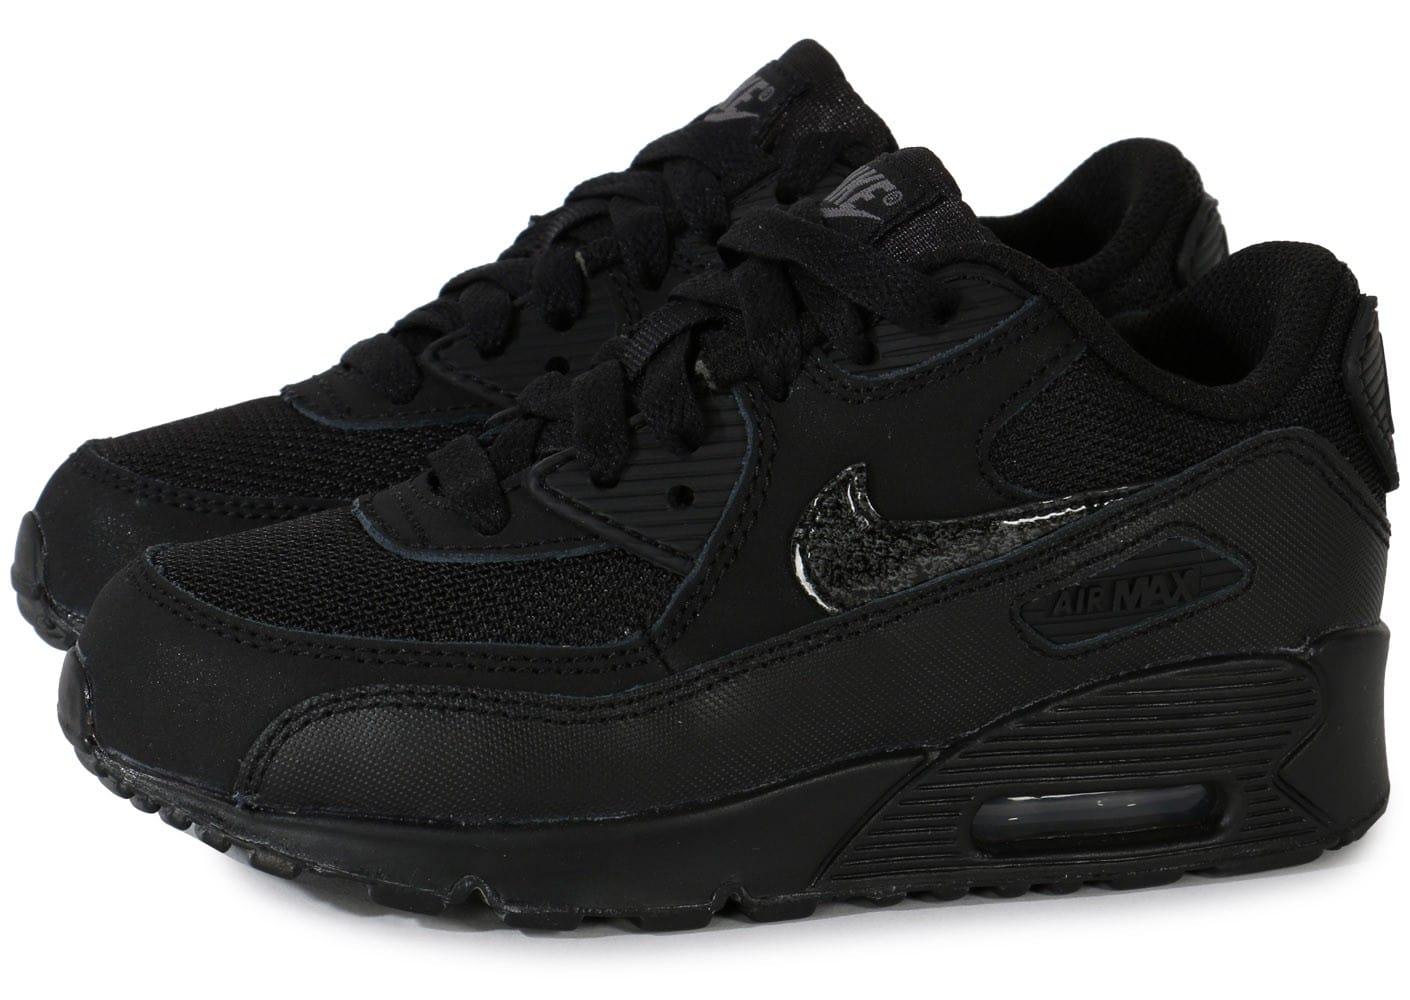 official photos 02850 4f09b Nike Air Max 90 enfants, Cliquez pour zoomer Chaussures Nike Air Max 90  enfant noire